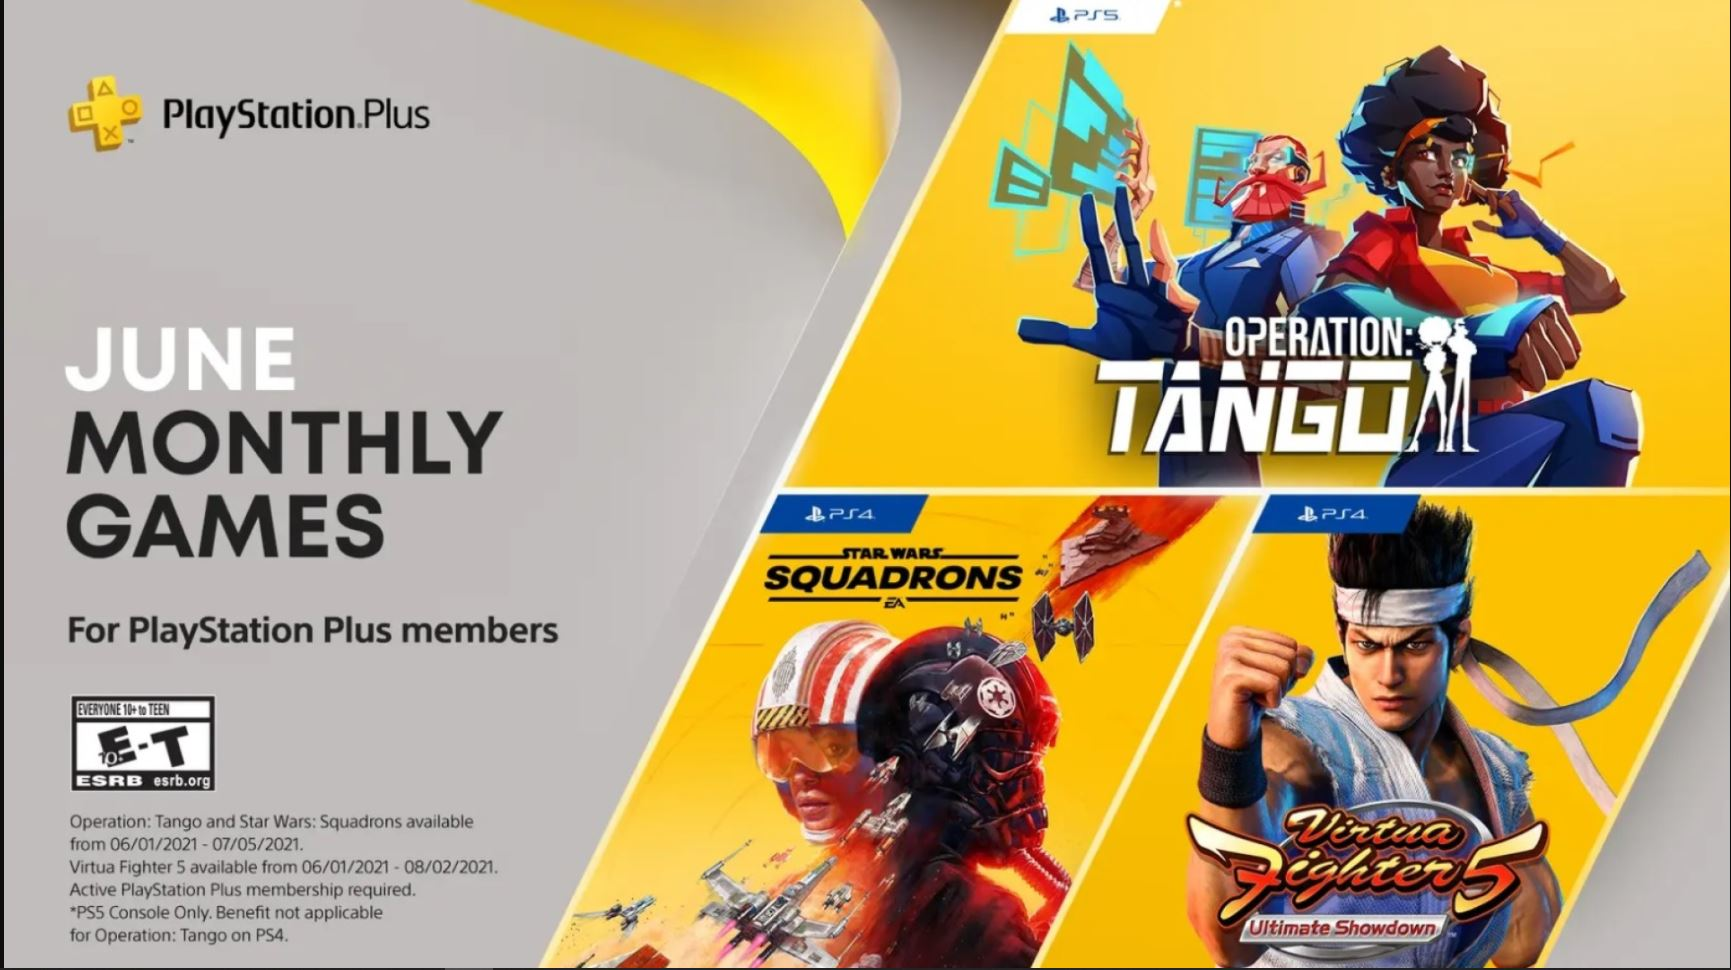 فهرست بازیهای رایگان ماه ژوئن پلی استیشن اعلام شدد